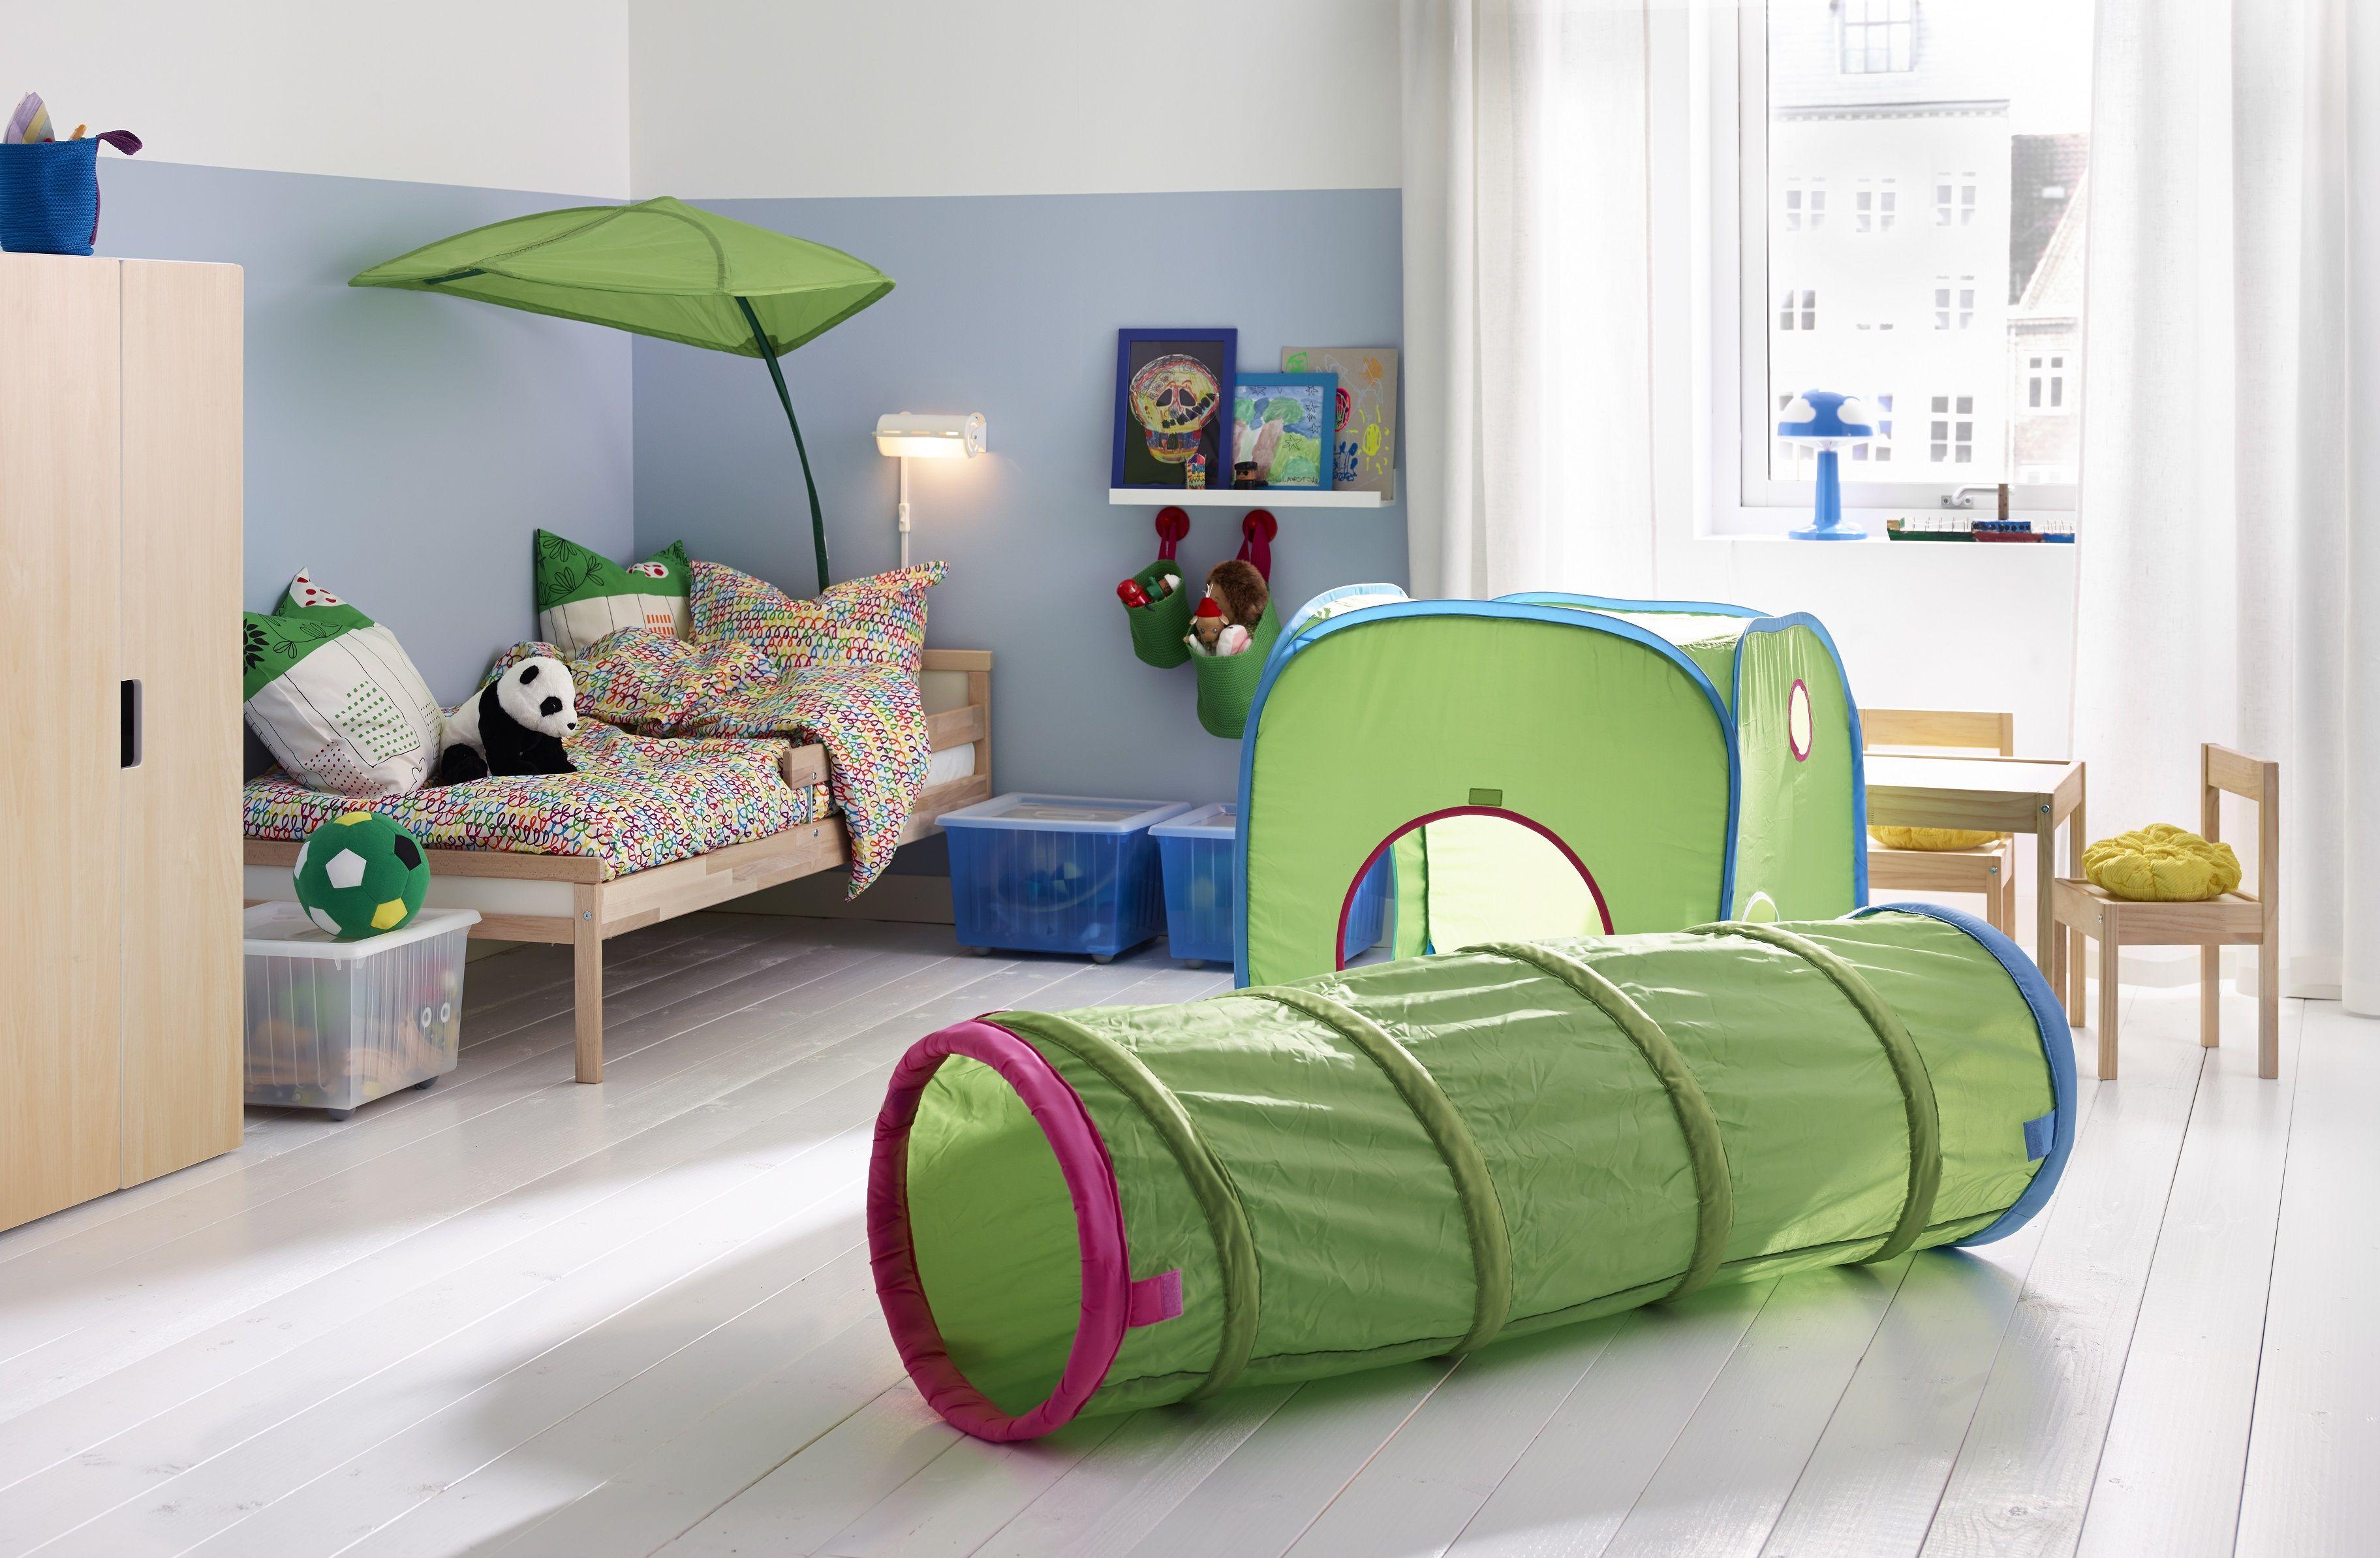 Busa Kruiptunnel Idee Chambre Enfant Chambre Enfant Et